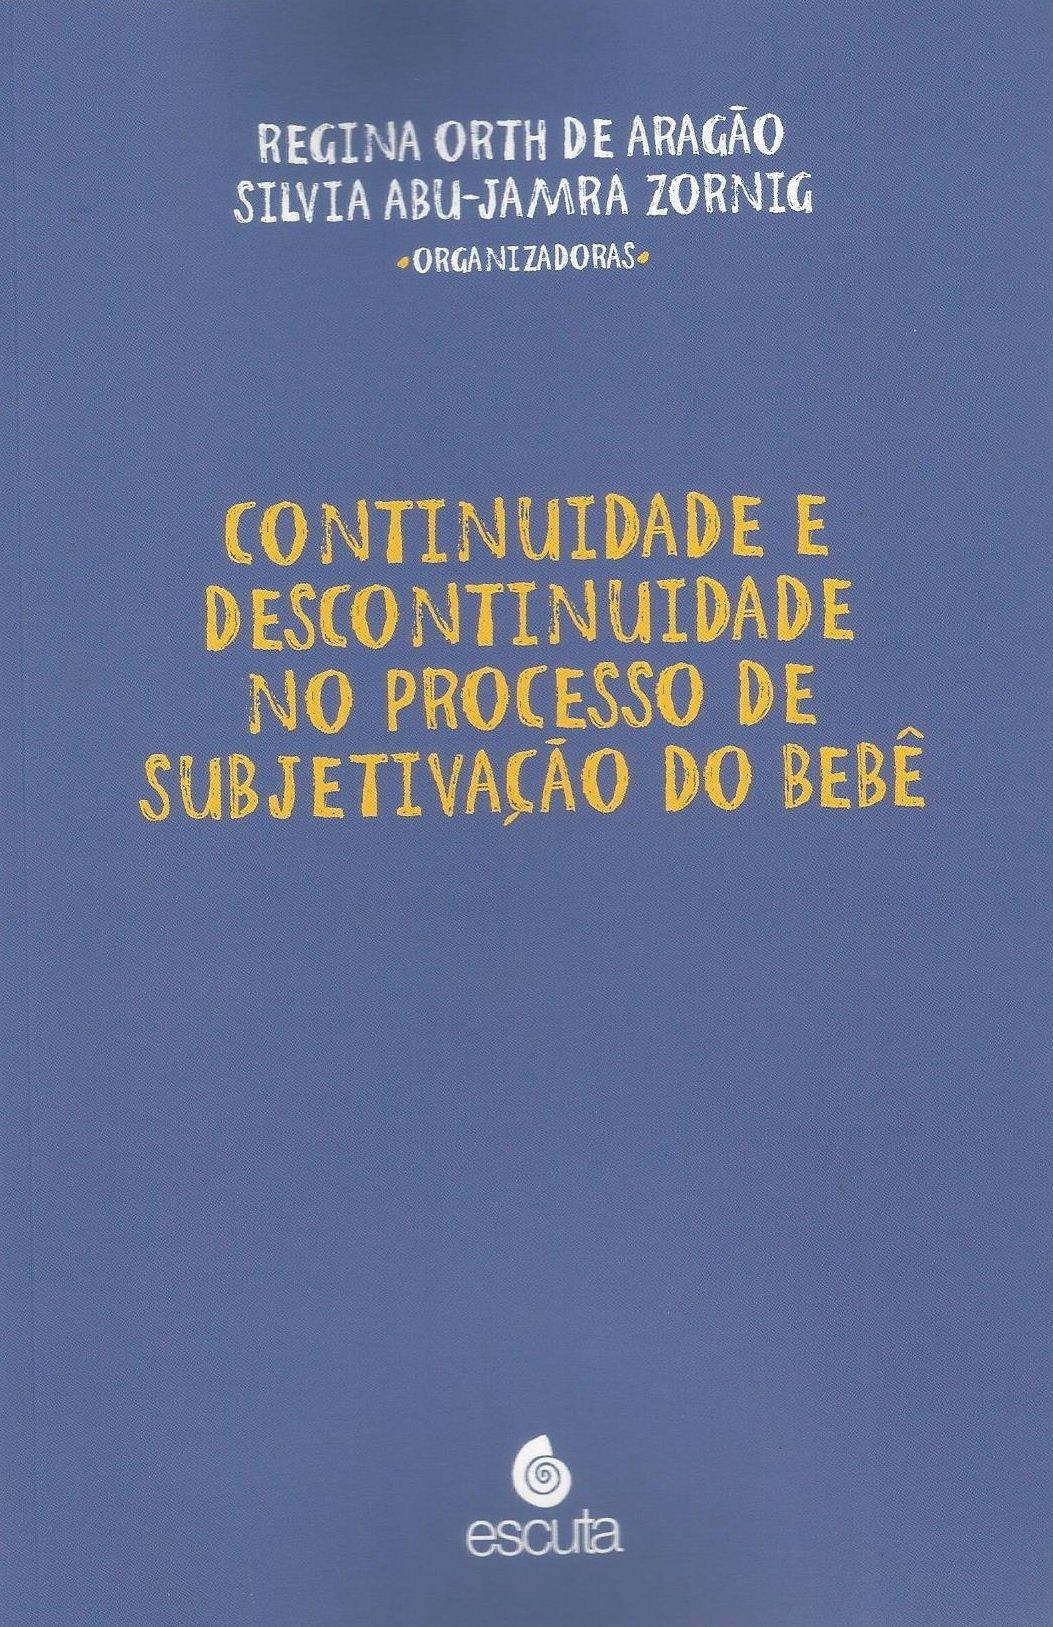 Continuidade e Descontinuidade no Processo de Subjetivação do Bebe PDF ePub fb2 book